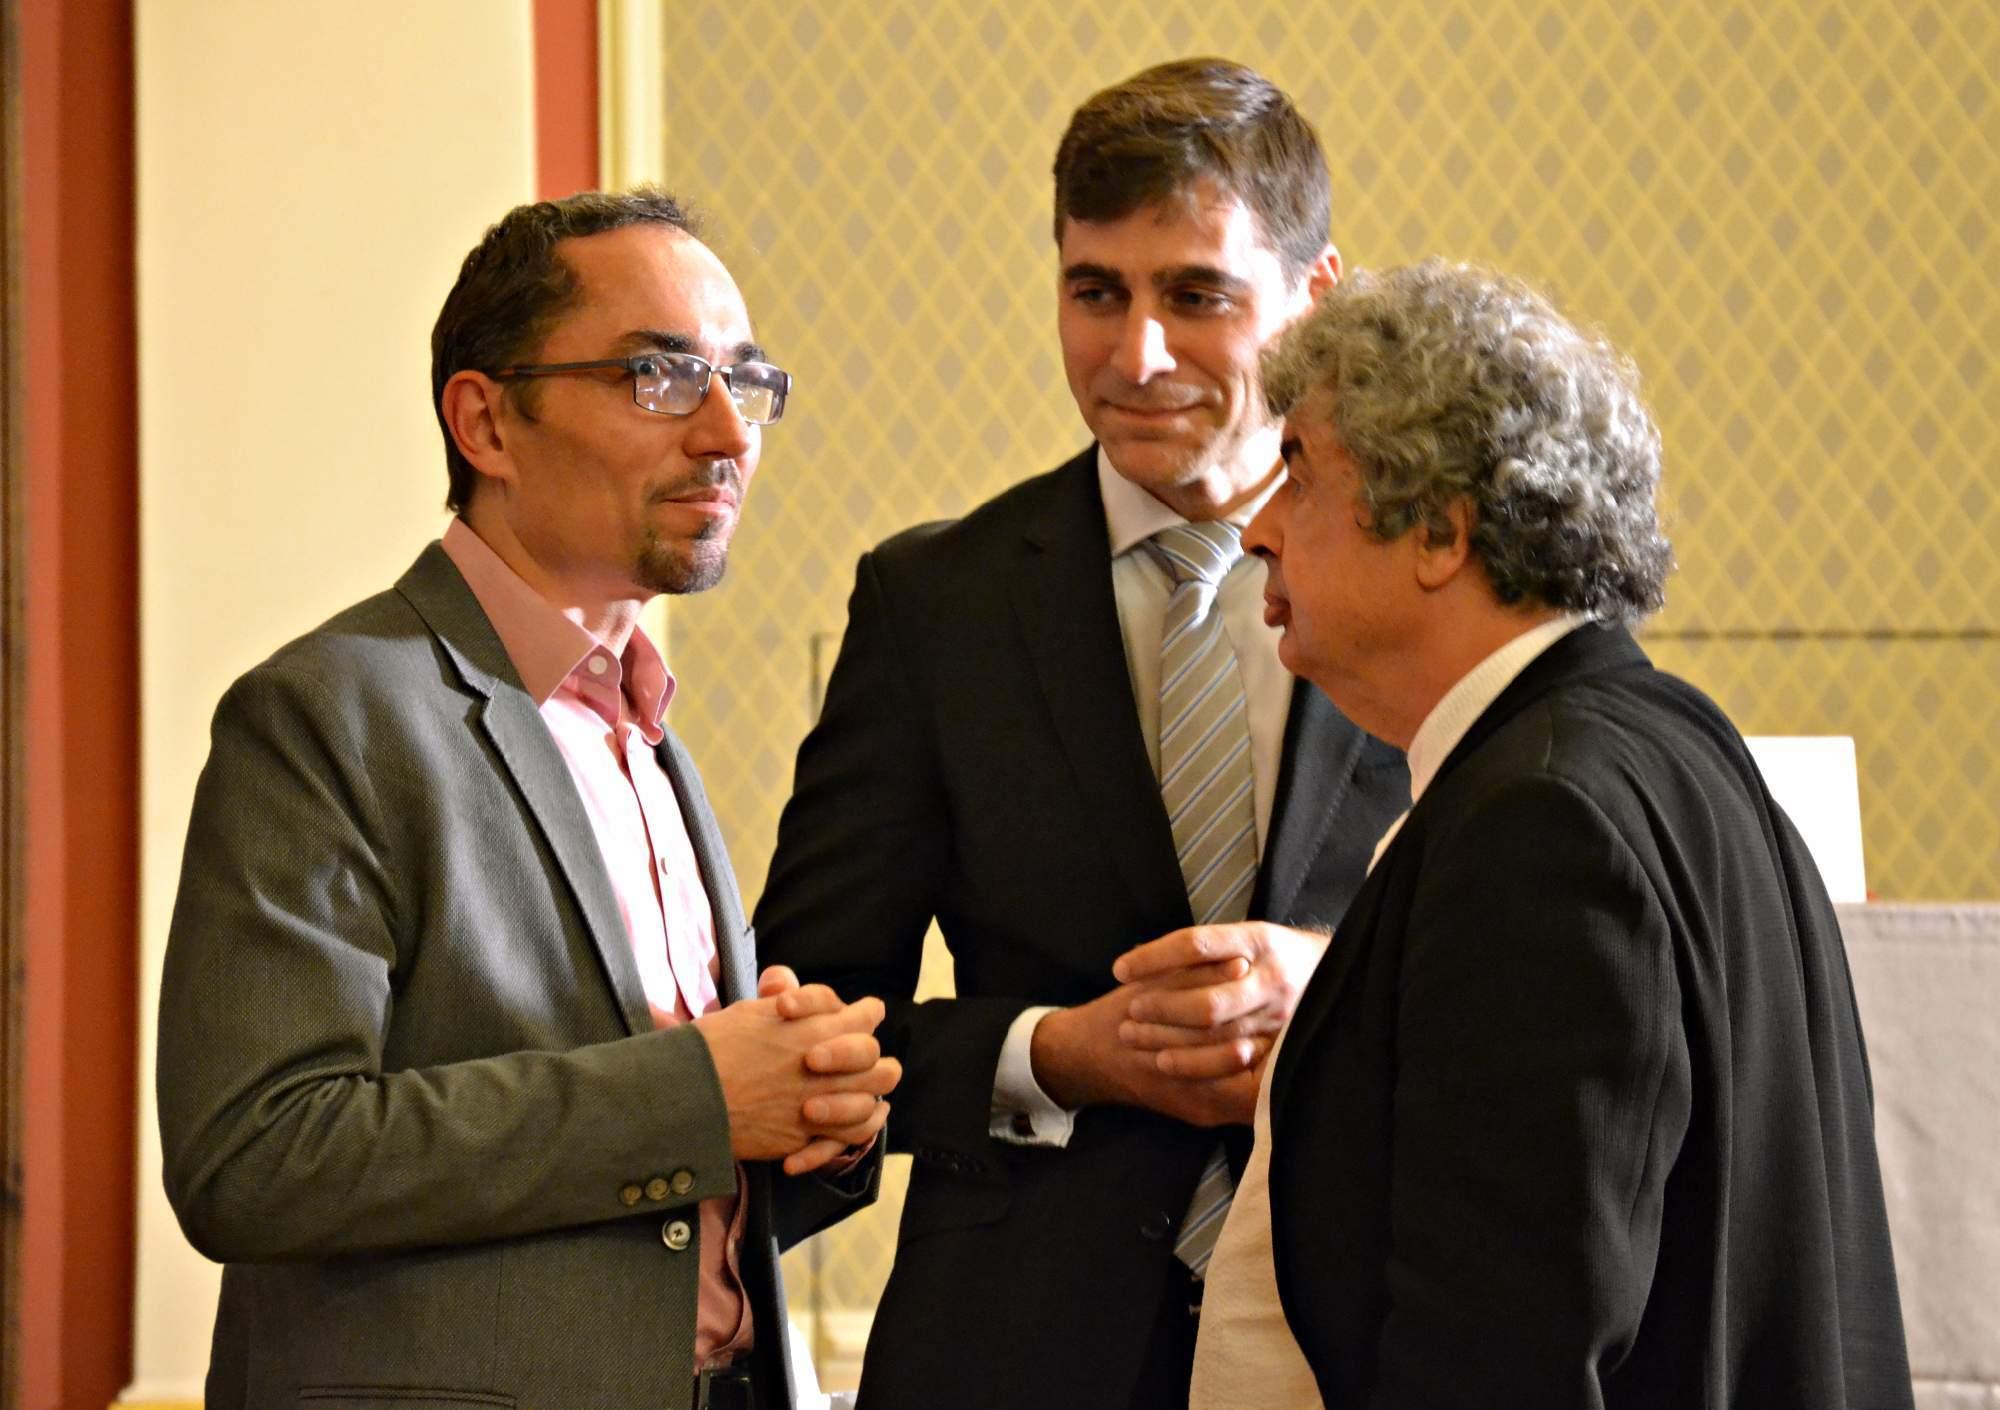 Nově jmenovaný šéfdirigent Semjon Byčkova (vpravo) na dnešní tiskové konferenci České filharmonie